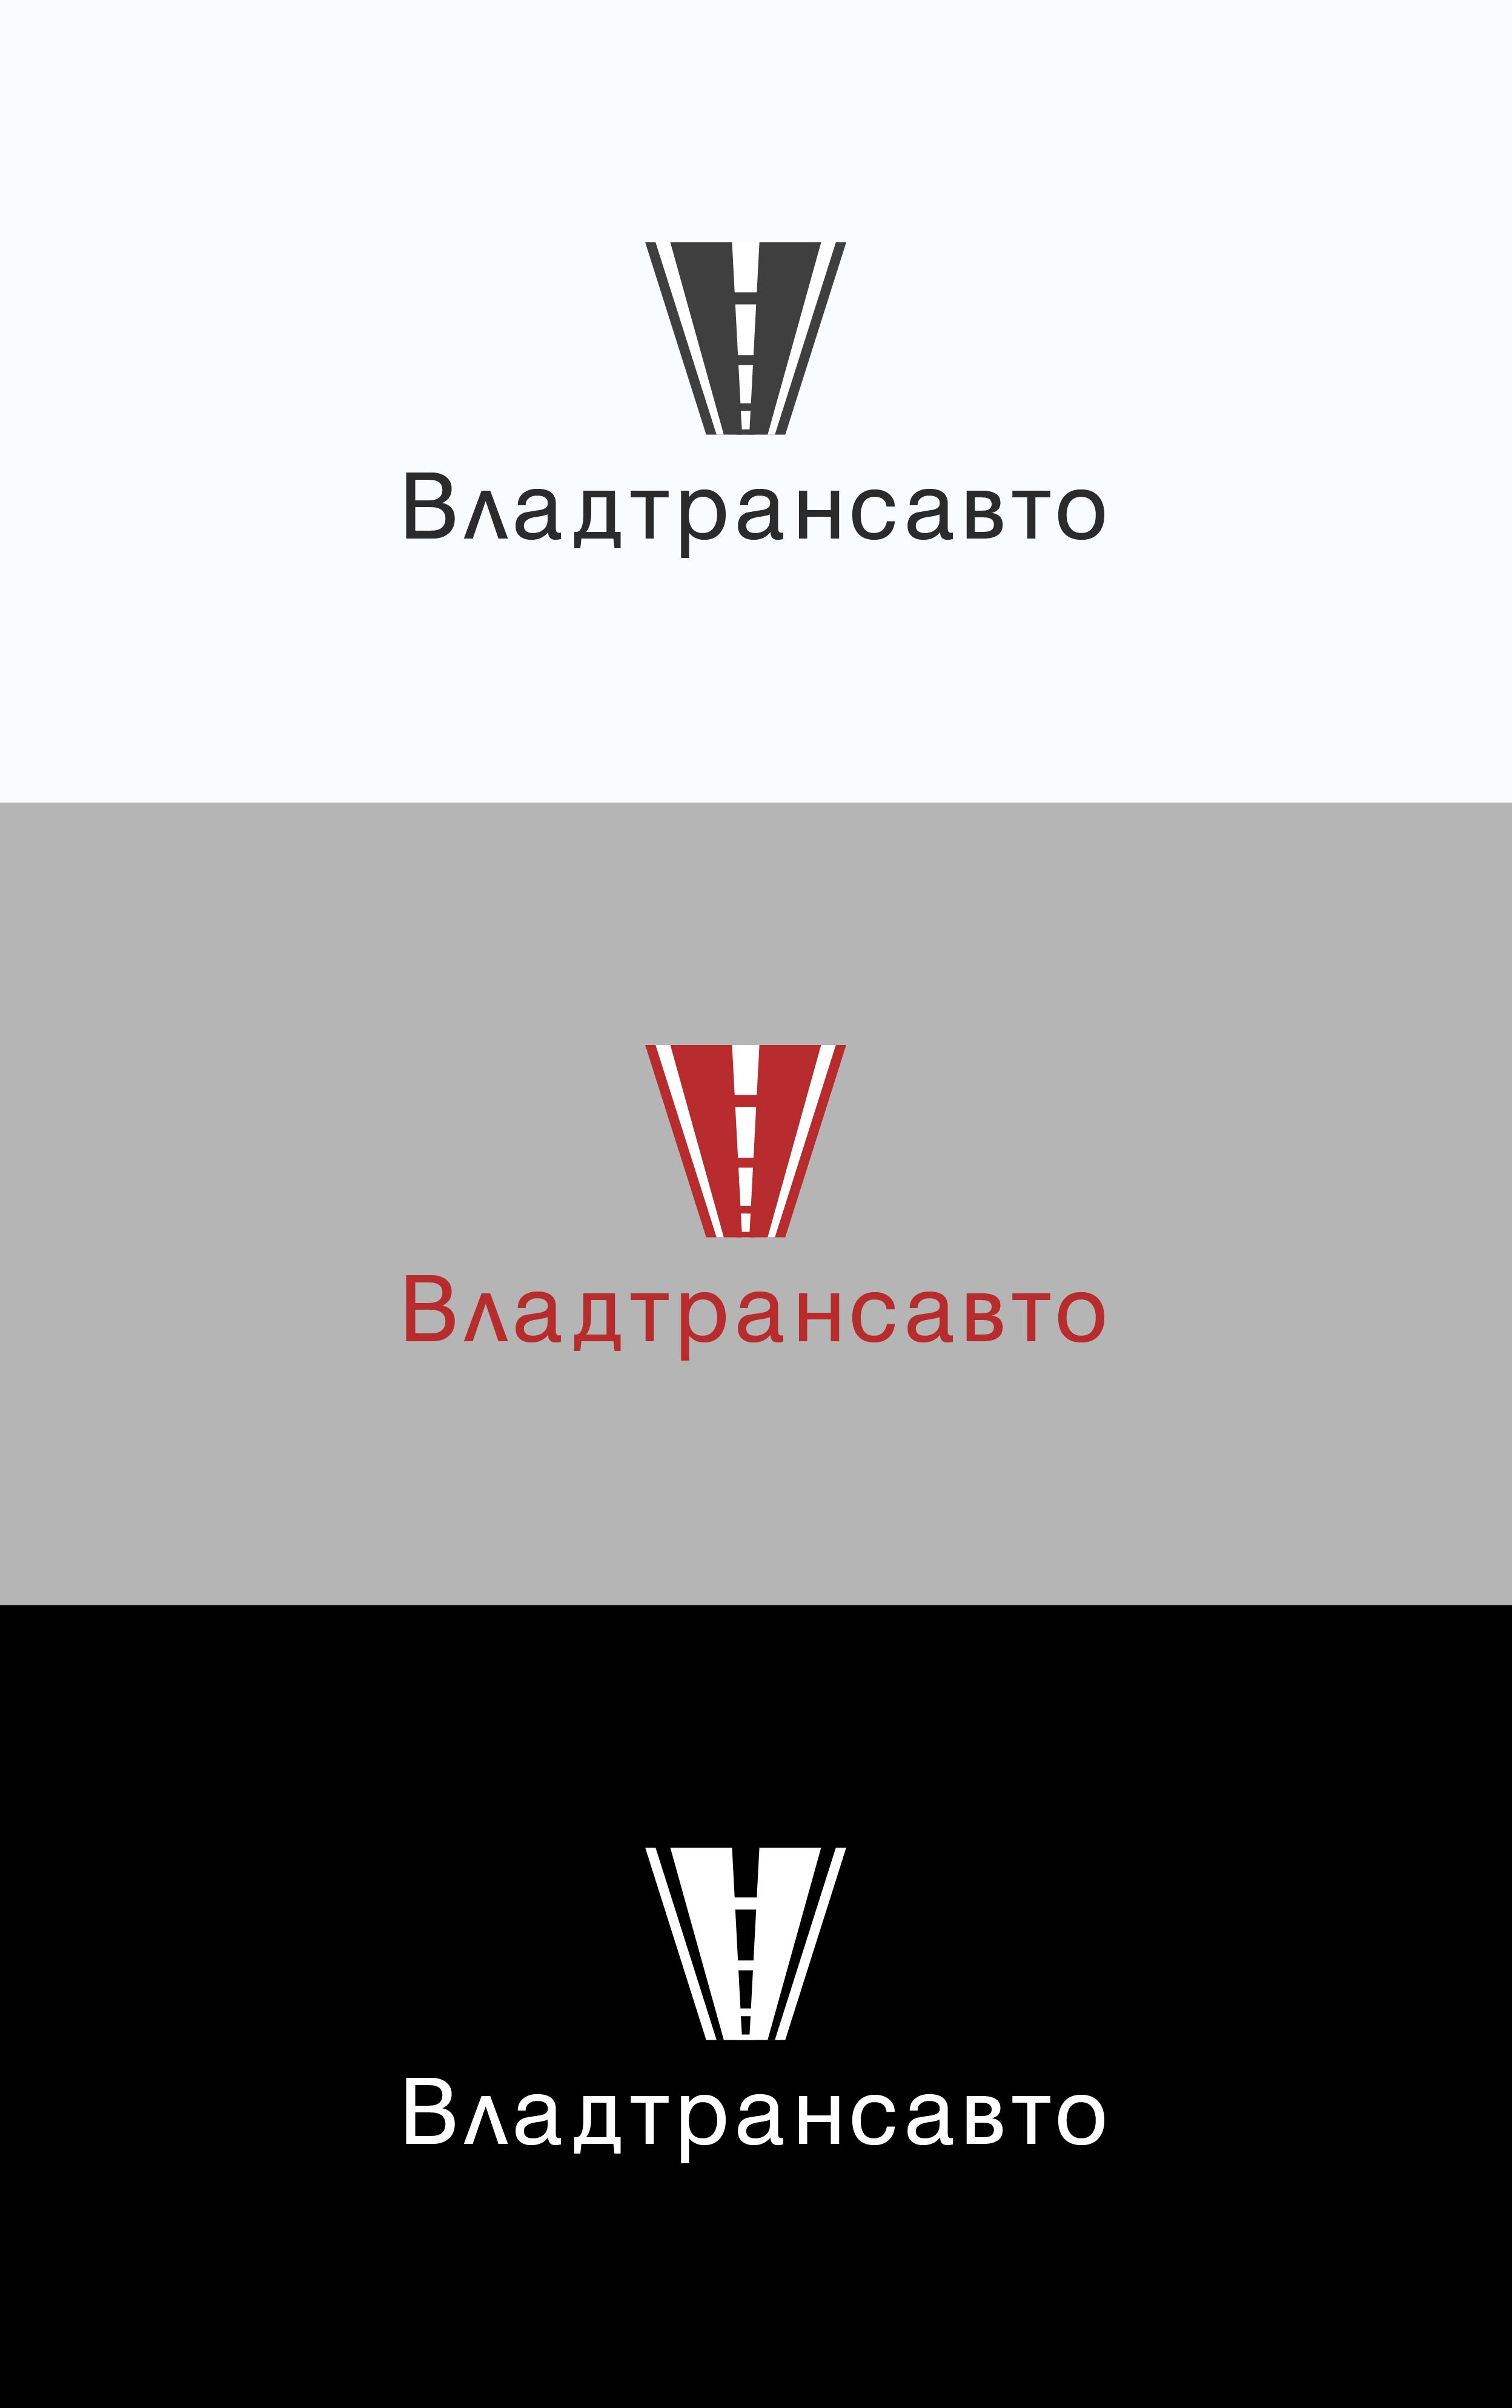 Логотип и фирменный стиль для транспортной компании Владтрансавто фото f_4355ce6c5d7903c8.jpg